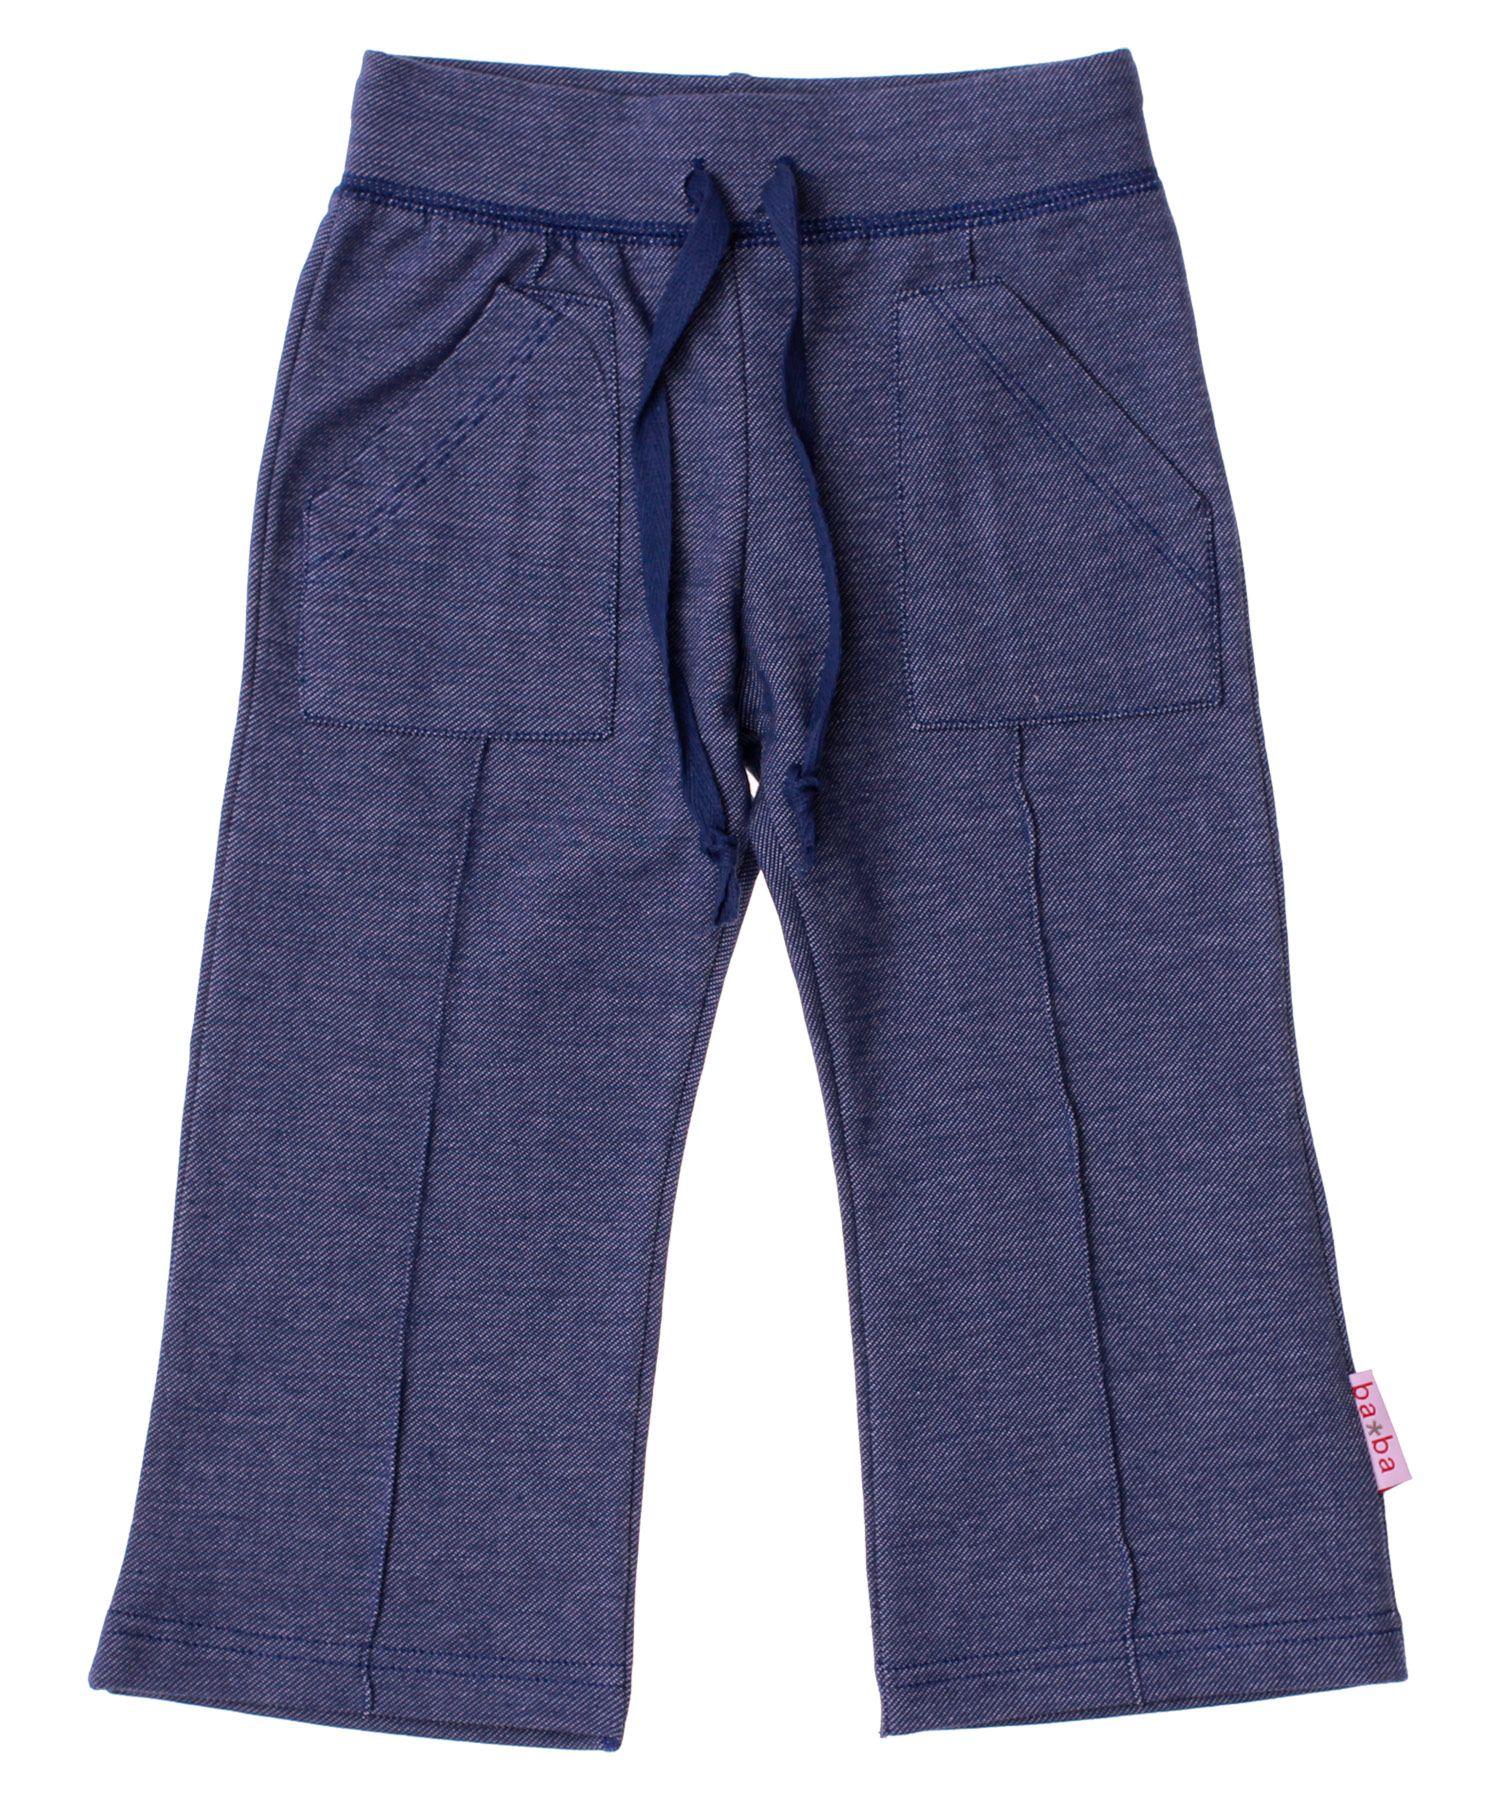 Baba Babywear mega hippe zacht blauwe stretch broek met zakken. baba-babywear.nl.emilea.be